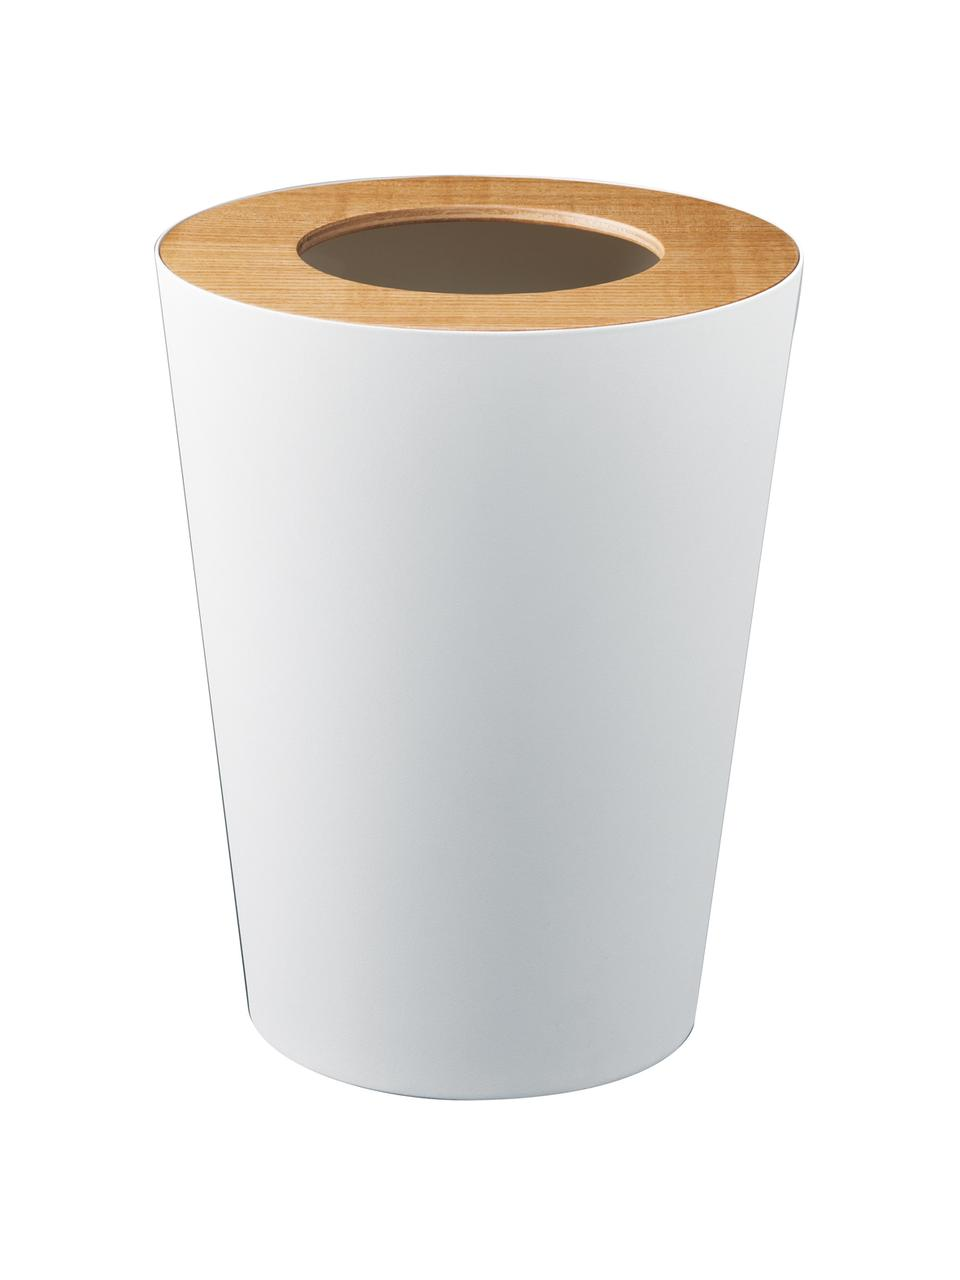 Kosz na śmieci Rin, Biały, brązowy, Ø 23 x W 28 cm